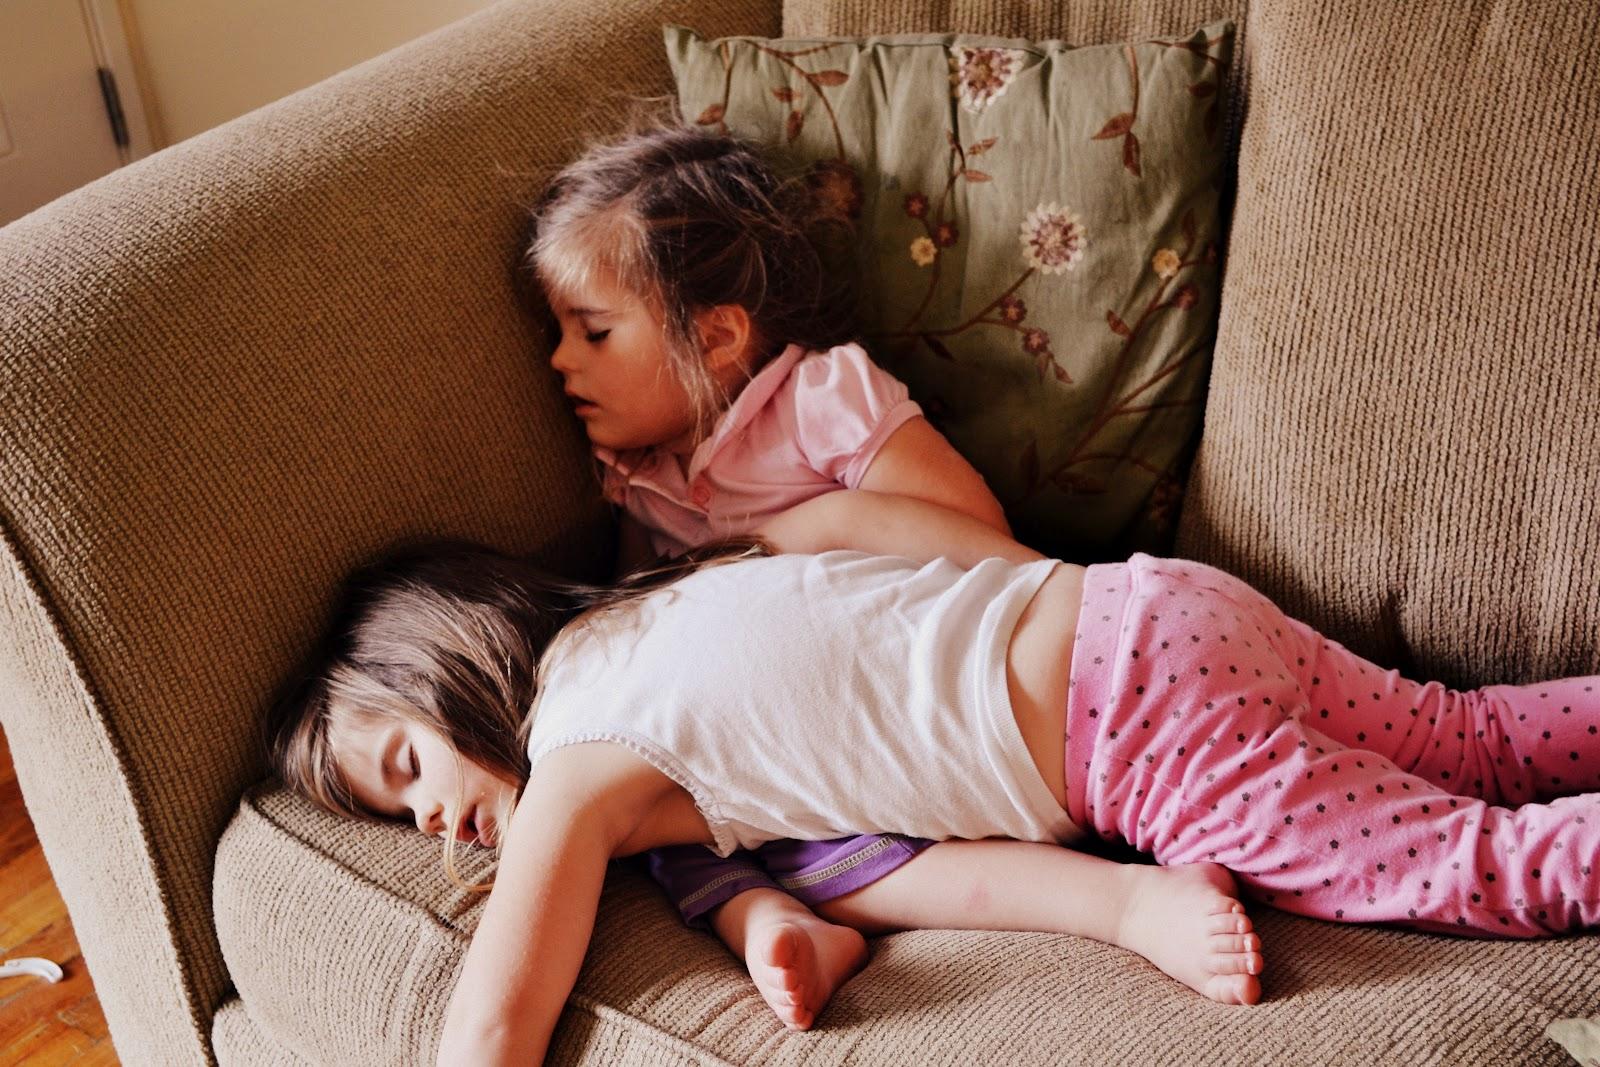 Фото инцеста с отчимом, Инцест фото отец с матерью трахнули дочку на диване 2 фотография